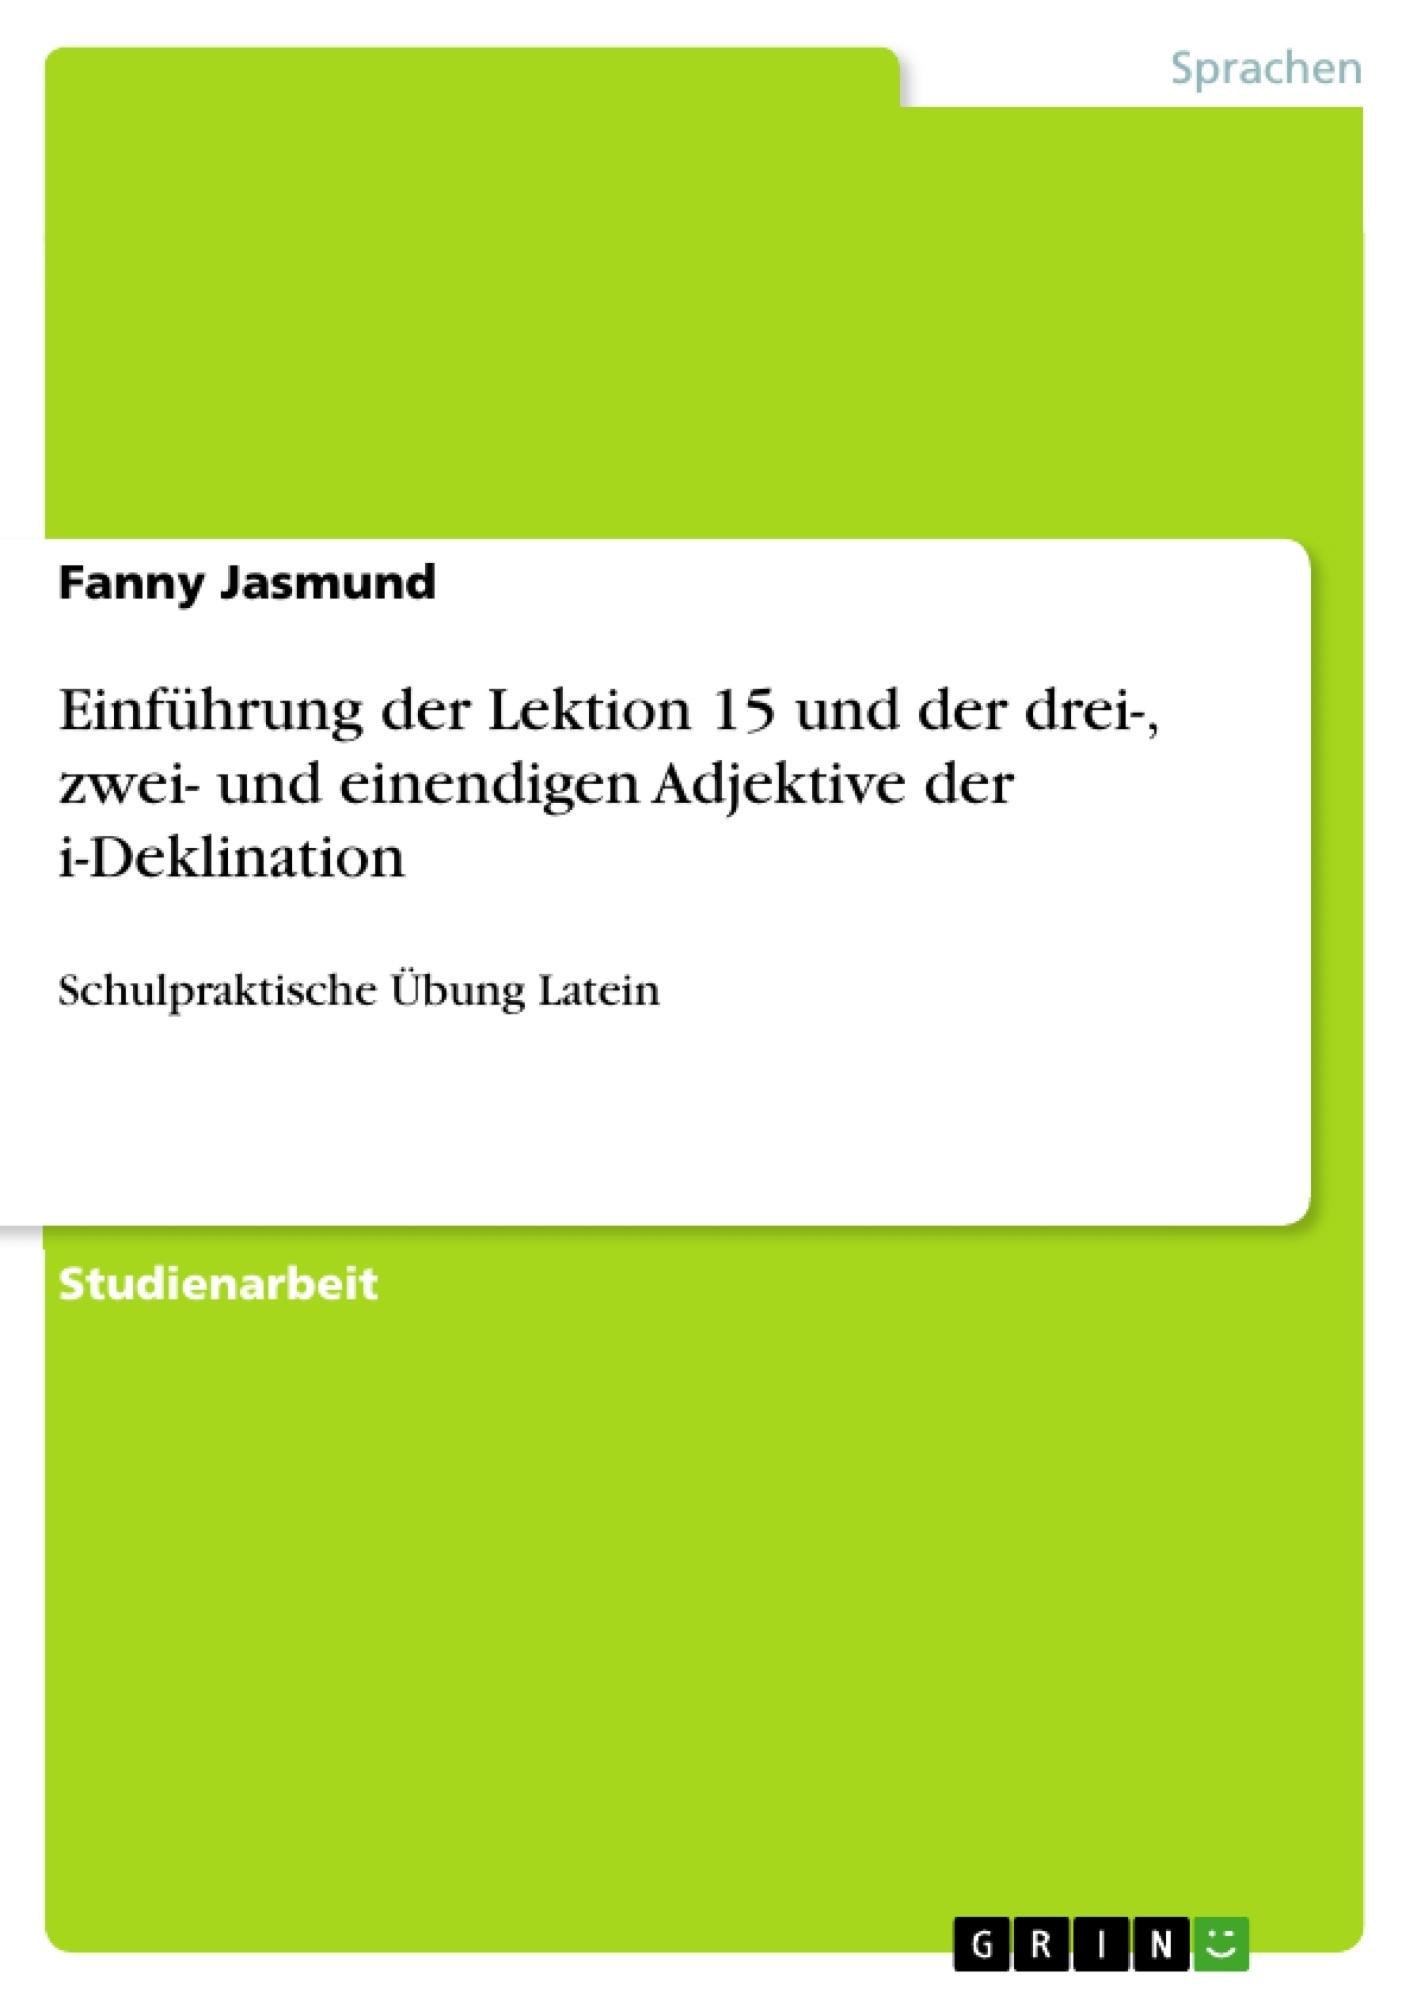 Titel: Einführung der Lektion 15 und der drei-, zwei- und einendigen Adjektive der i-Deklination